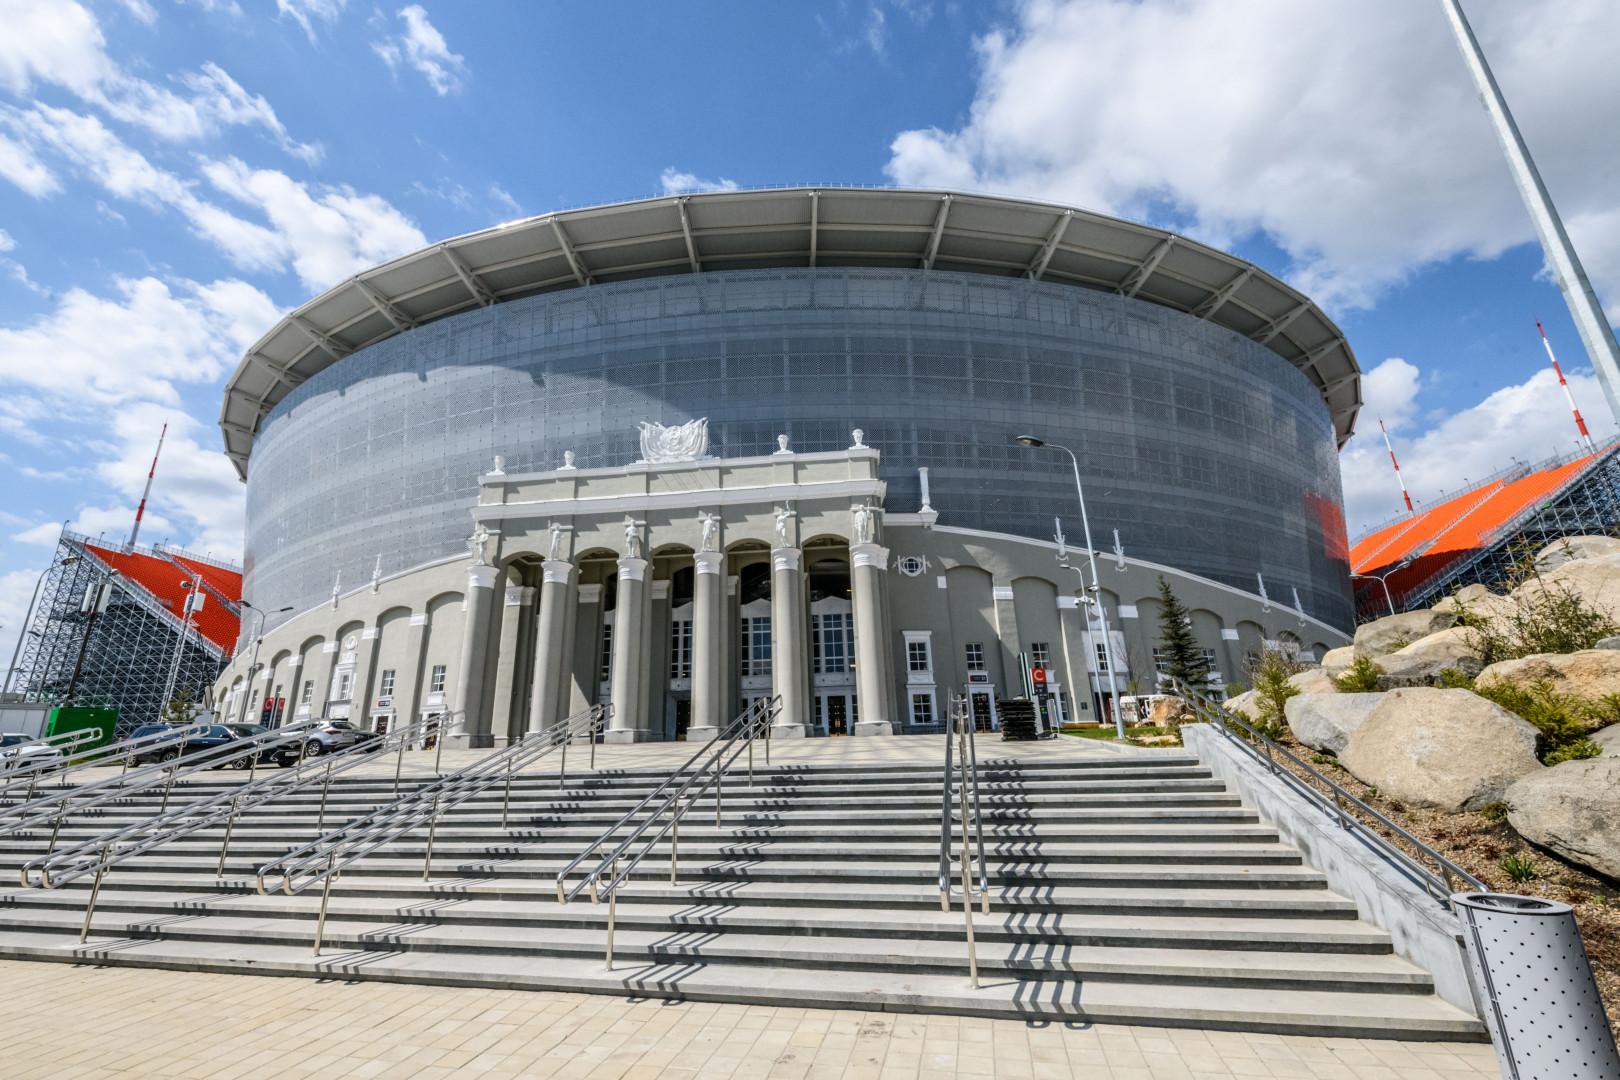 Inaugurée en 1957, l'Ekaterinbourg Arena (35.000 places) est une perle de l'architecture soviétique